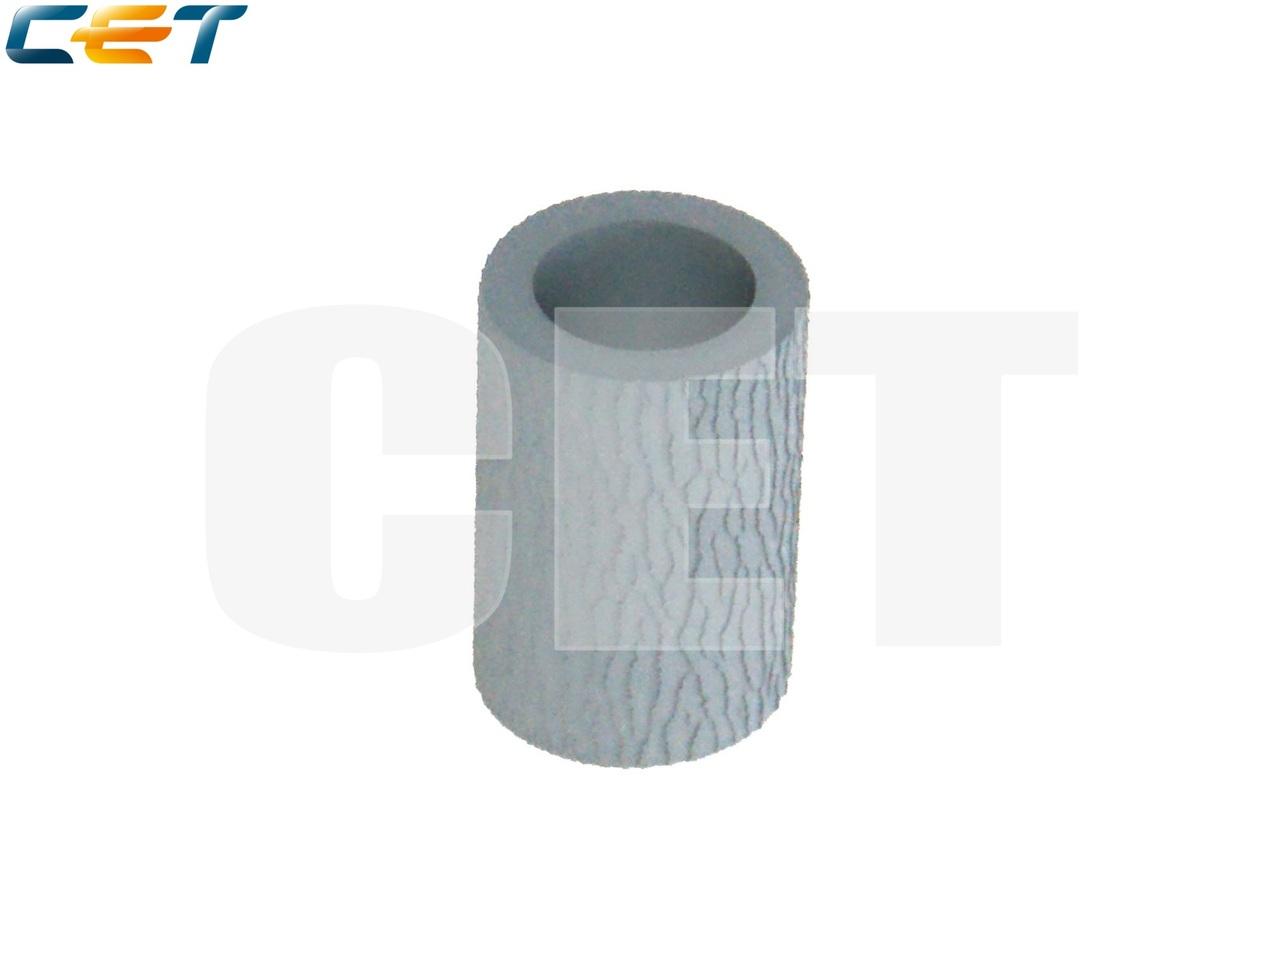 Резинка ролика подхвата 44201807000 для TOSHIBA E-Studio358/458/DP2800/DP3500/DP4500 (CET), CET7752